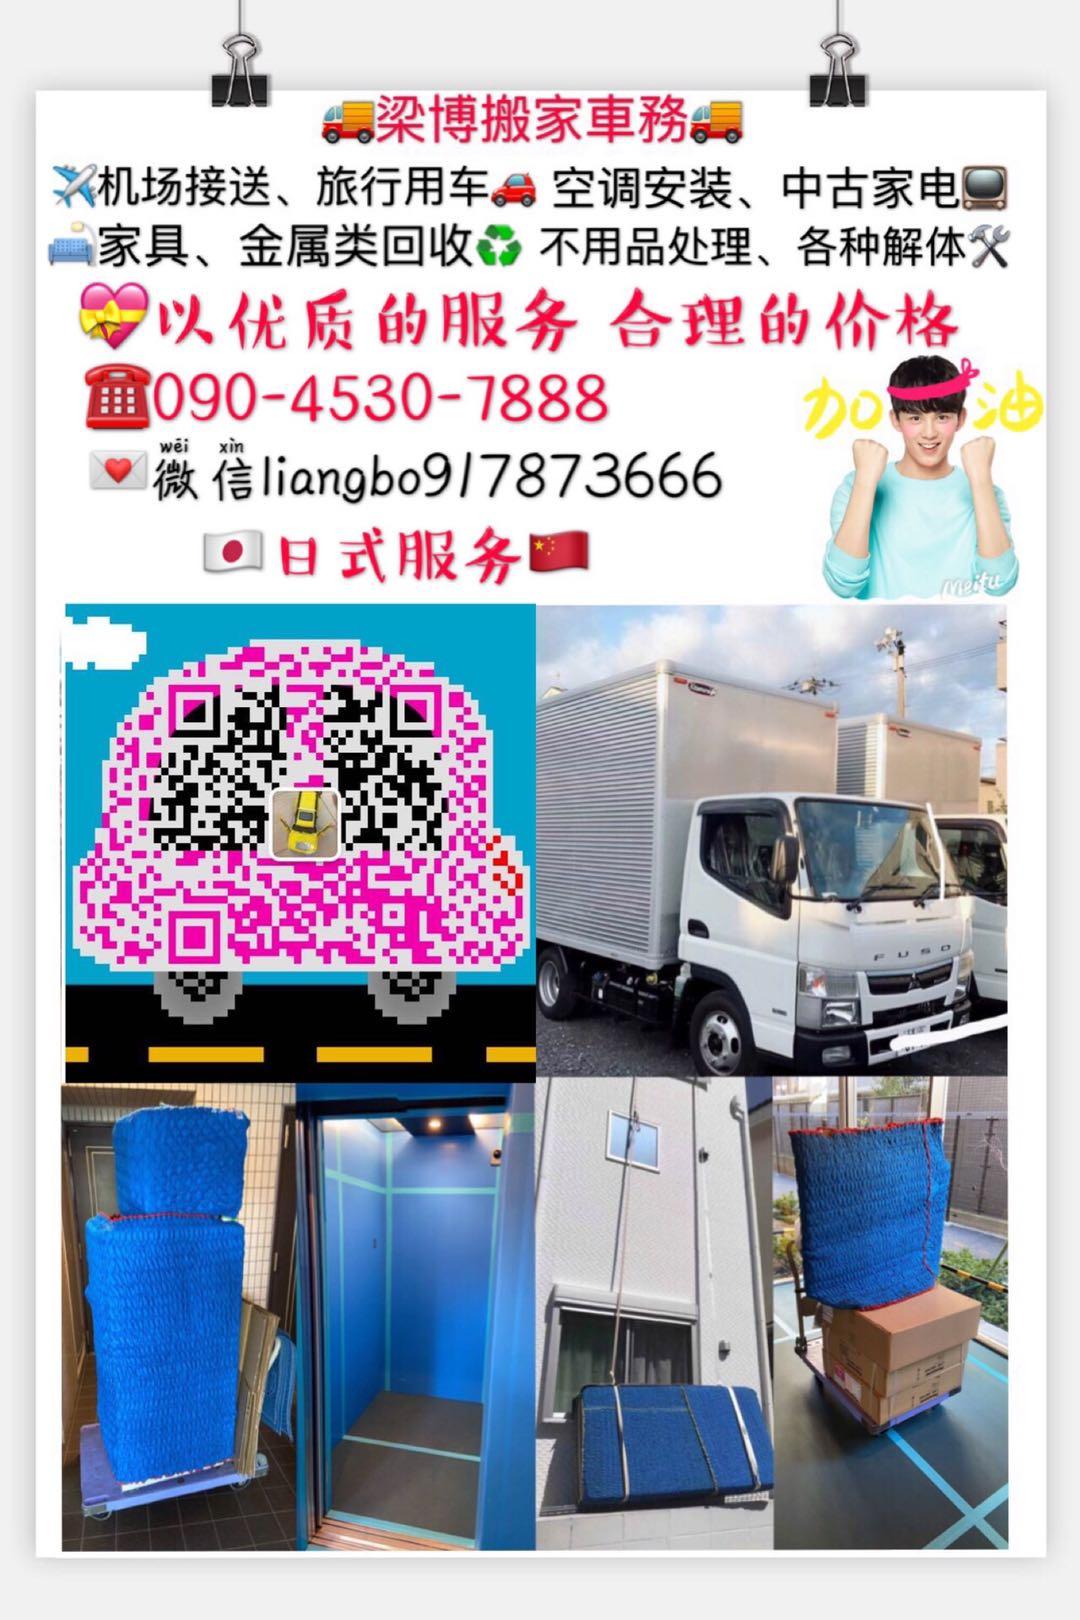 ●搬家货运 ●机场接送 ●退室清扫 ●粗大垃圾处理